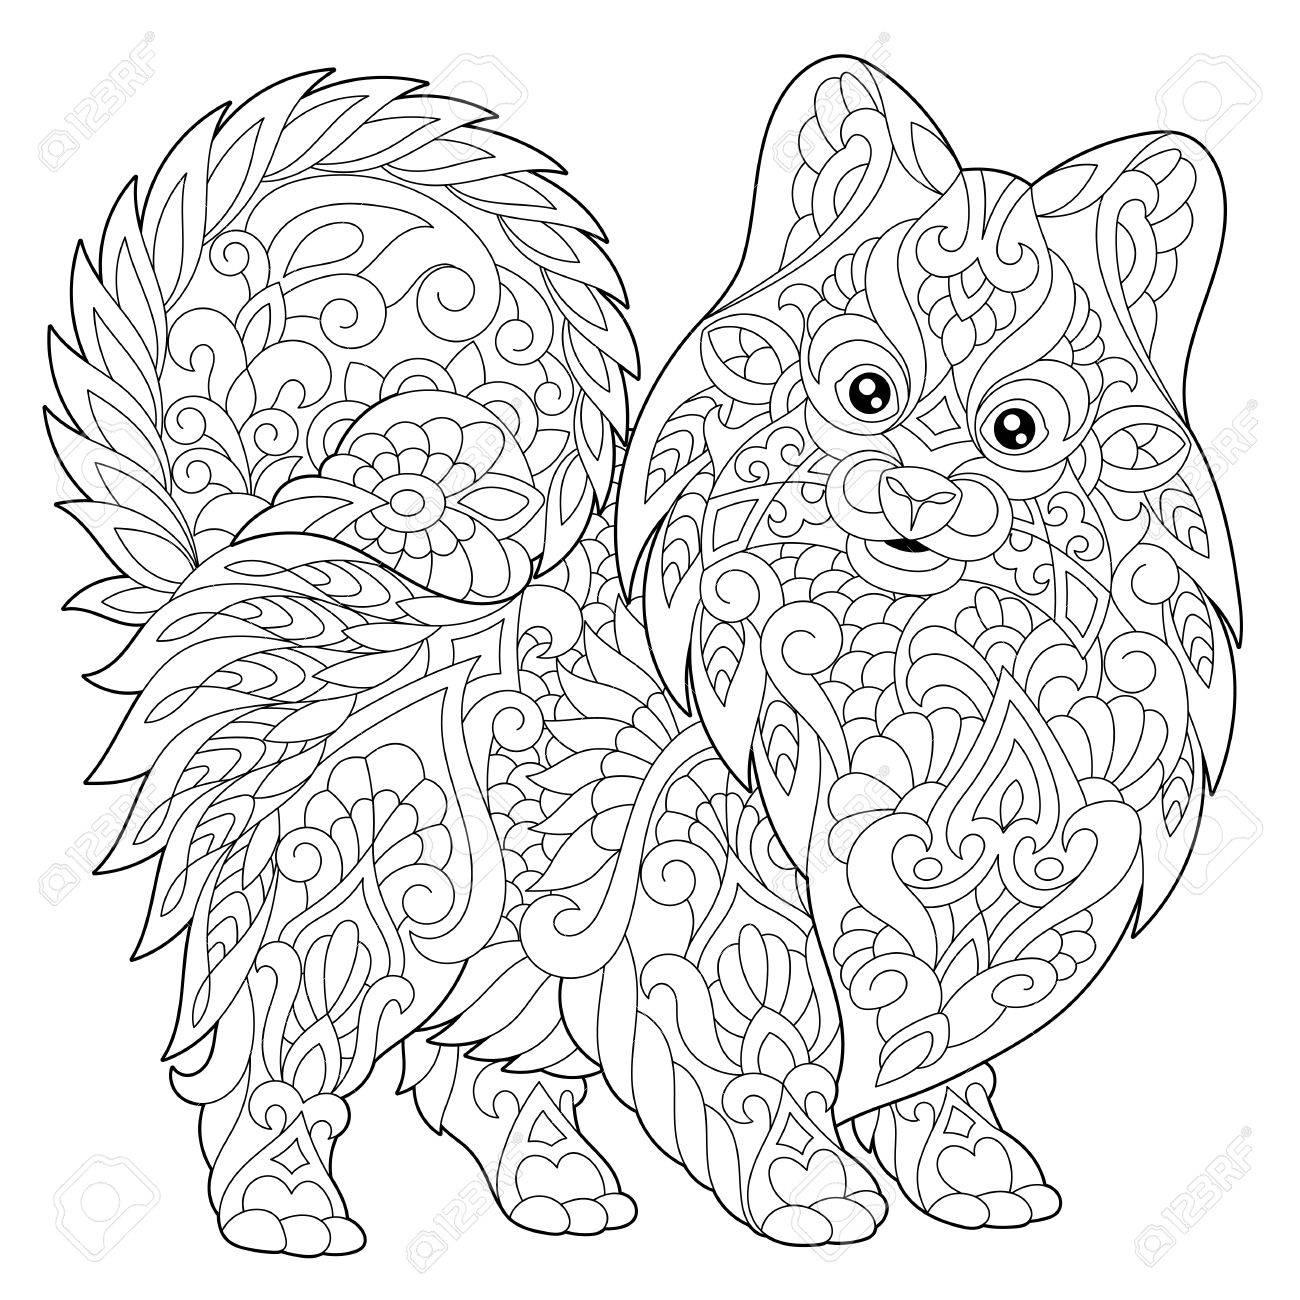 Coloriage Anti Stress Chien.Coloriage De Pomeranian Symbole Du Chien Du Nouvel An Chinois 2018